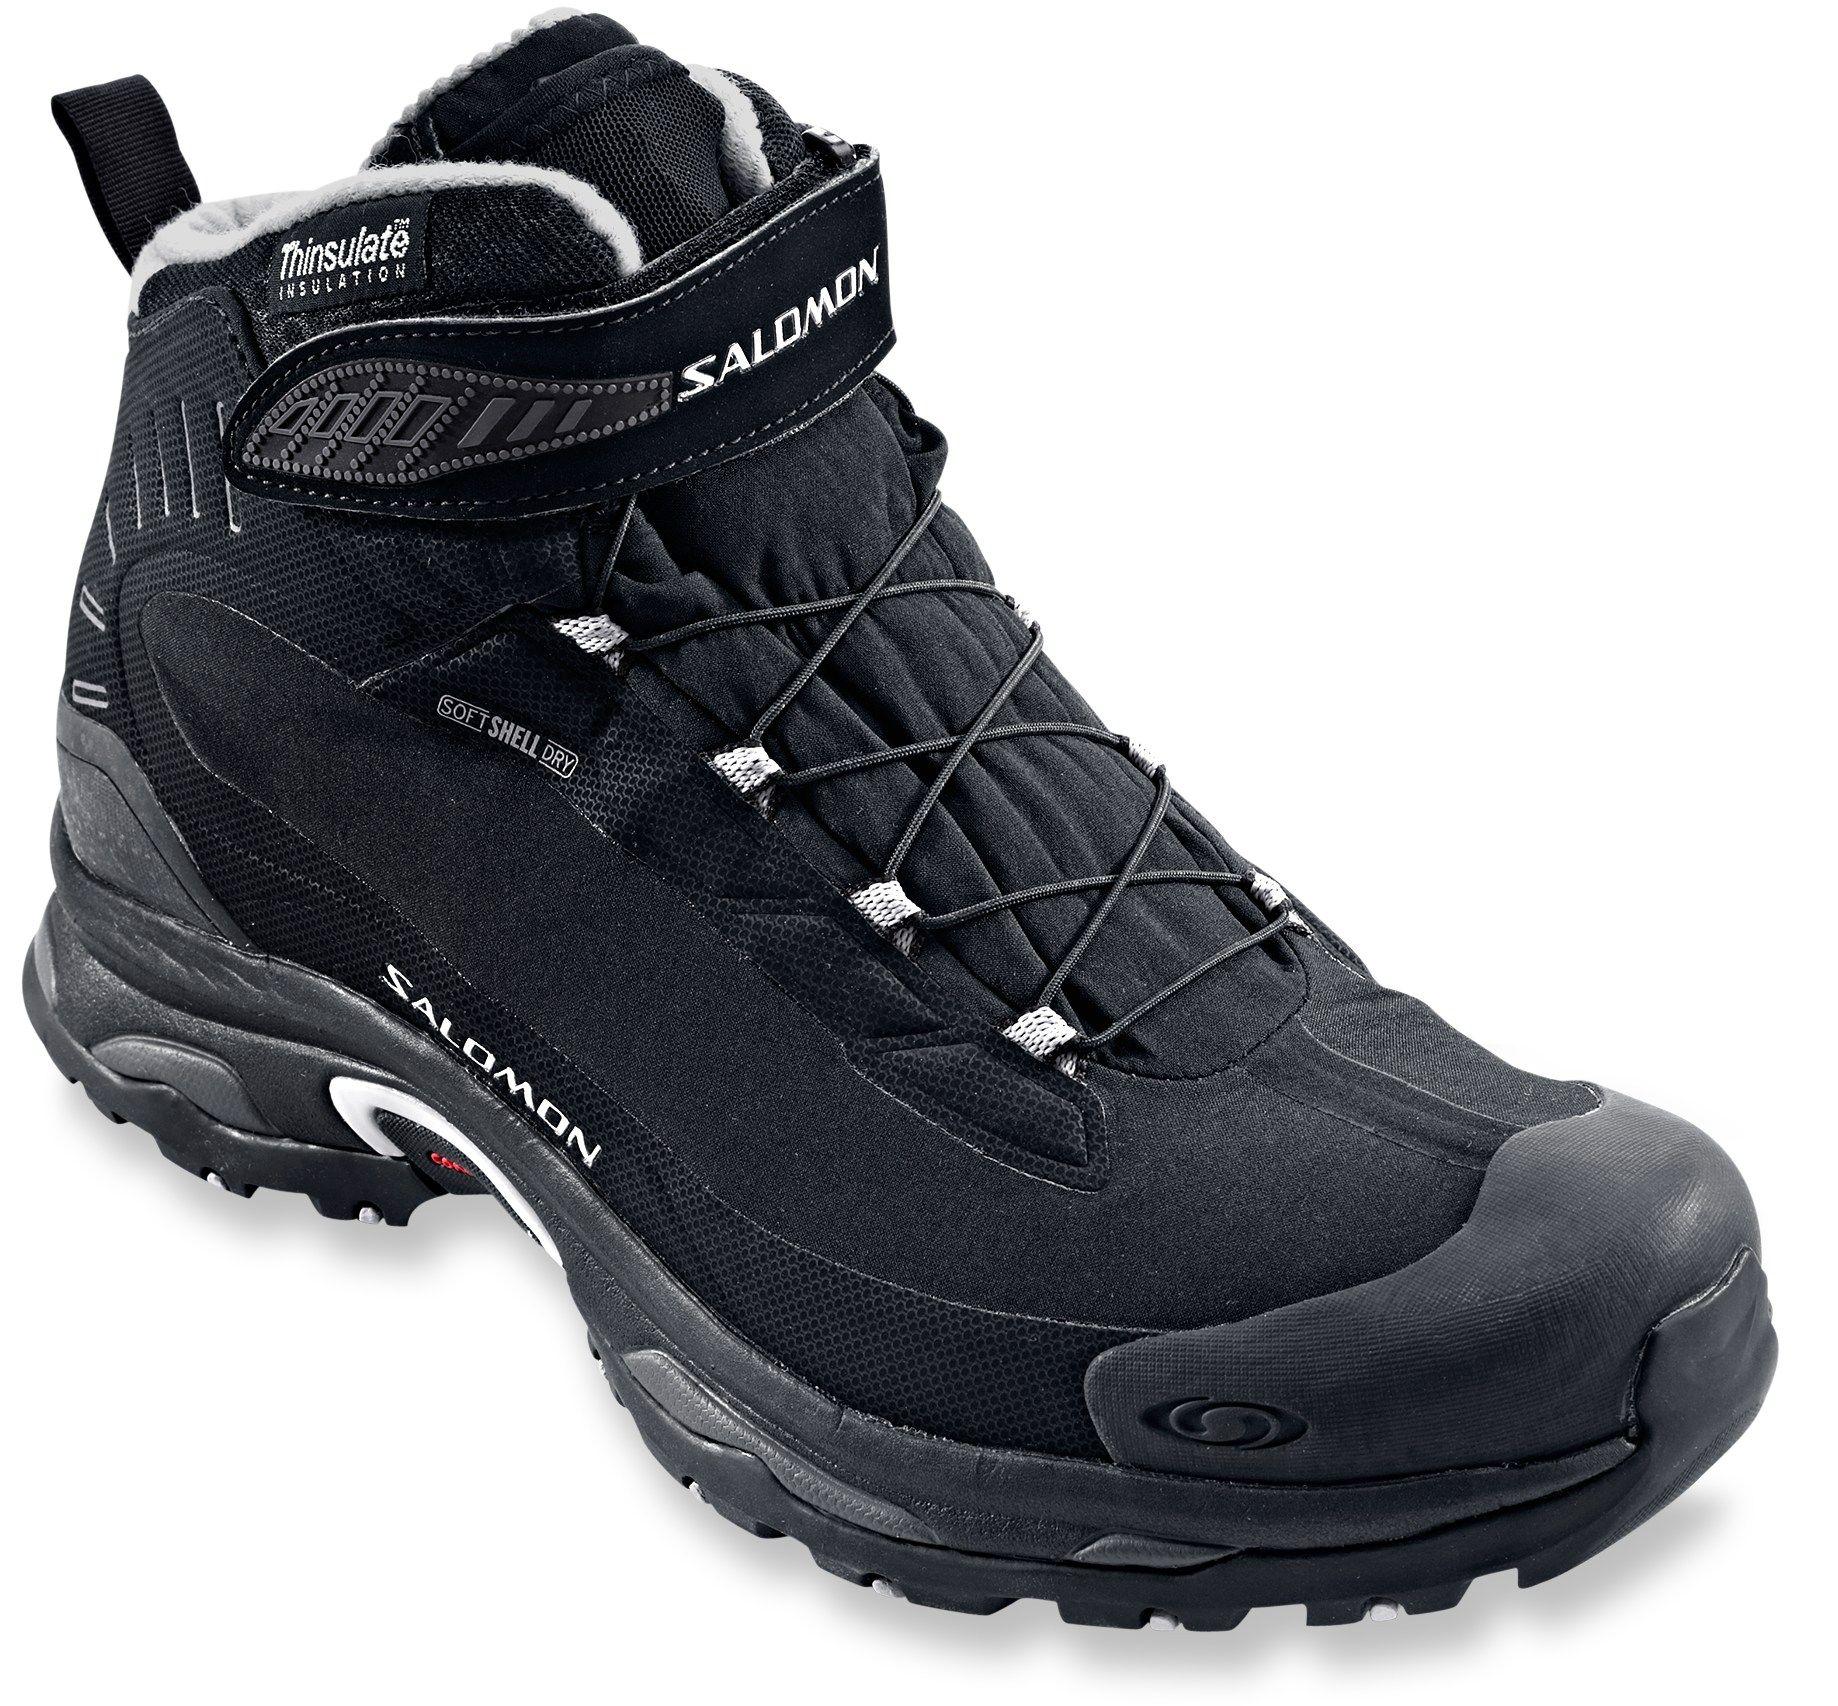 Salomon Deemax 2 Dry Winter Boots Men's | REI Co op | Mens